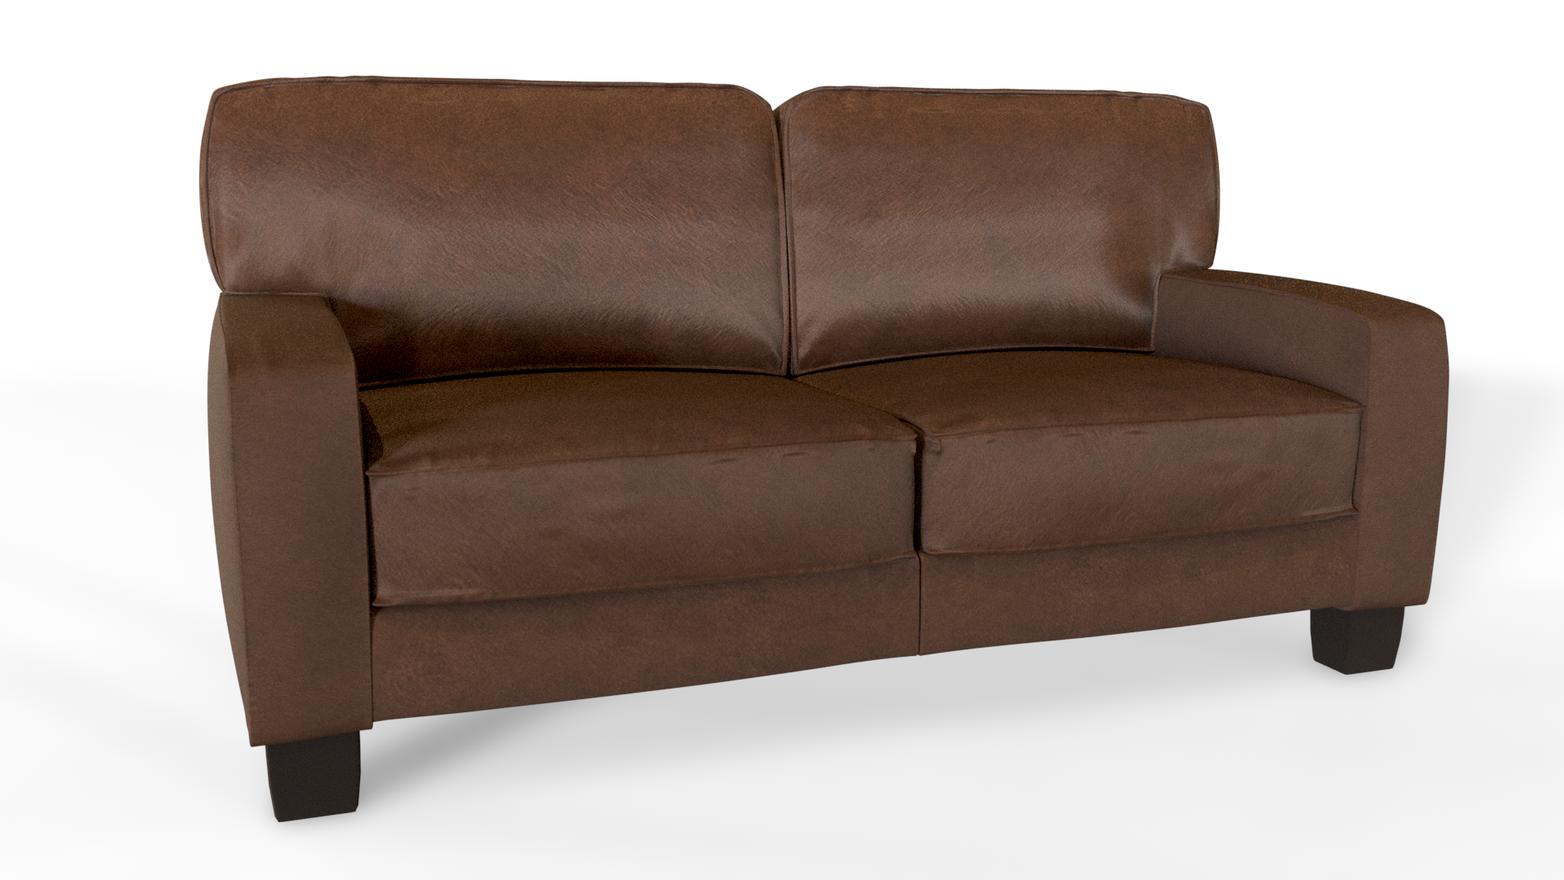 Sofa Render 2